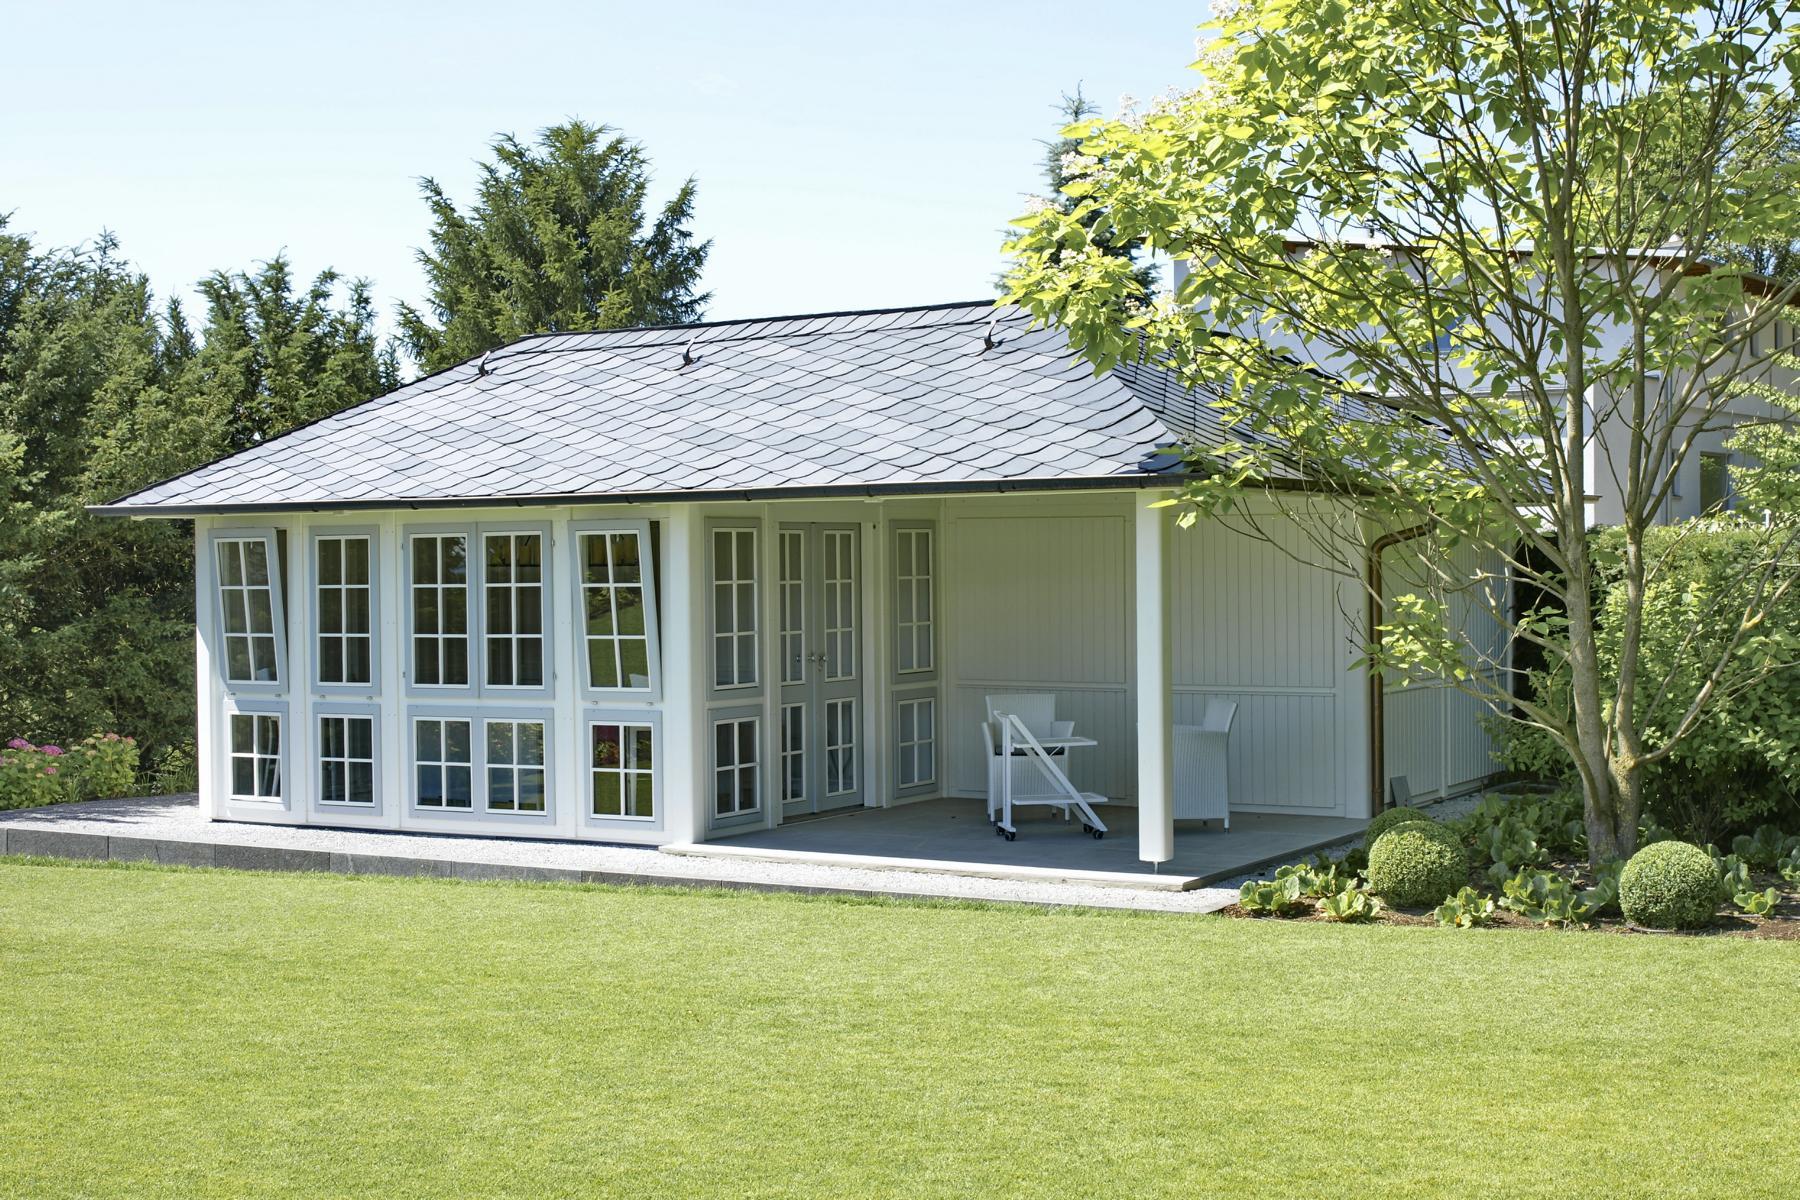 hochwertige gartenpavillons von riwo gartenlaube hochwertig. Black Bedroom Furniture Sets. Home Design Ideas